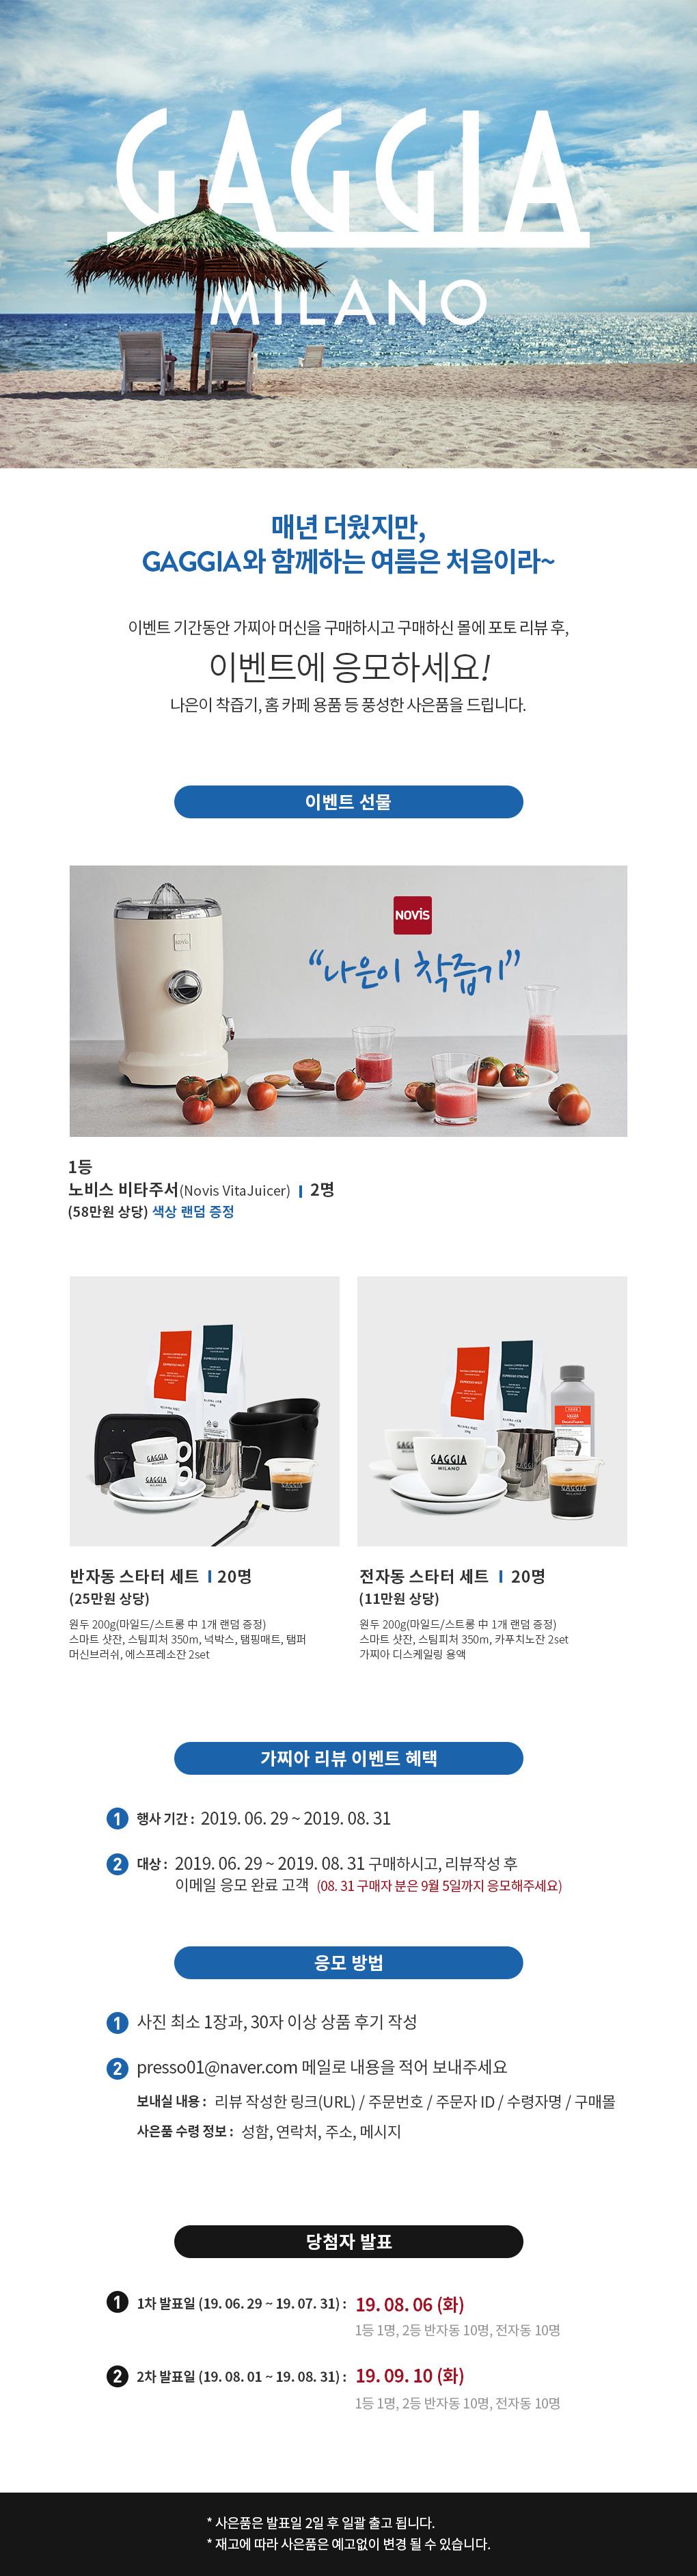 이태리 가찌아 커피머신 _ 리뷰EVENT 참여해서 주서기받자!